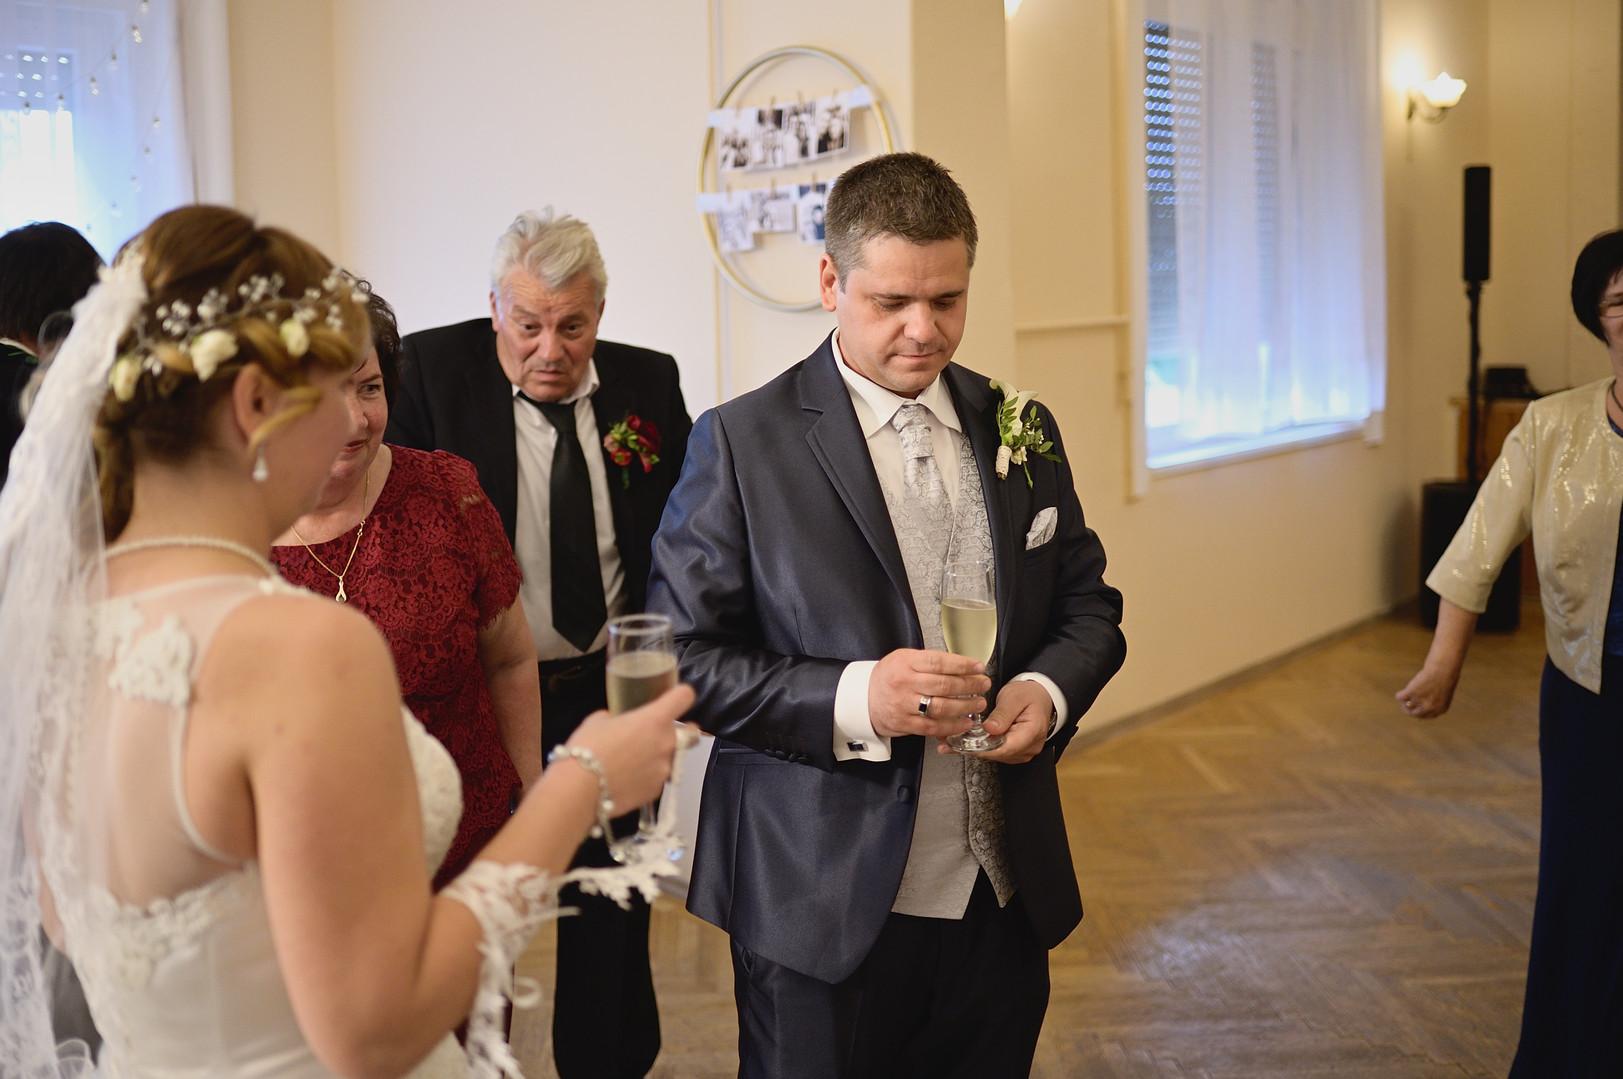 388  Esküvői fotózás - Enikő és Peti Bul